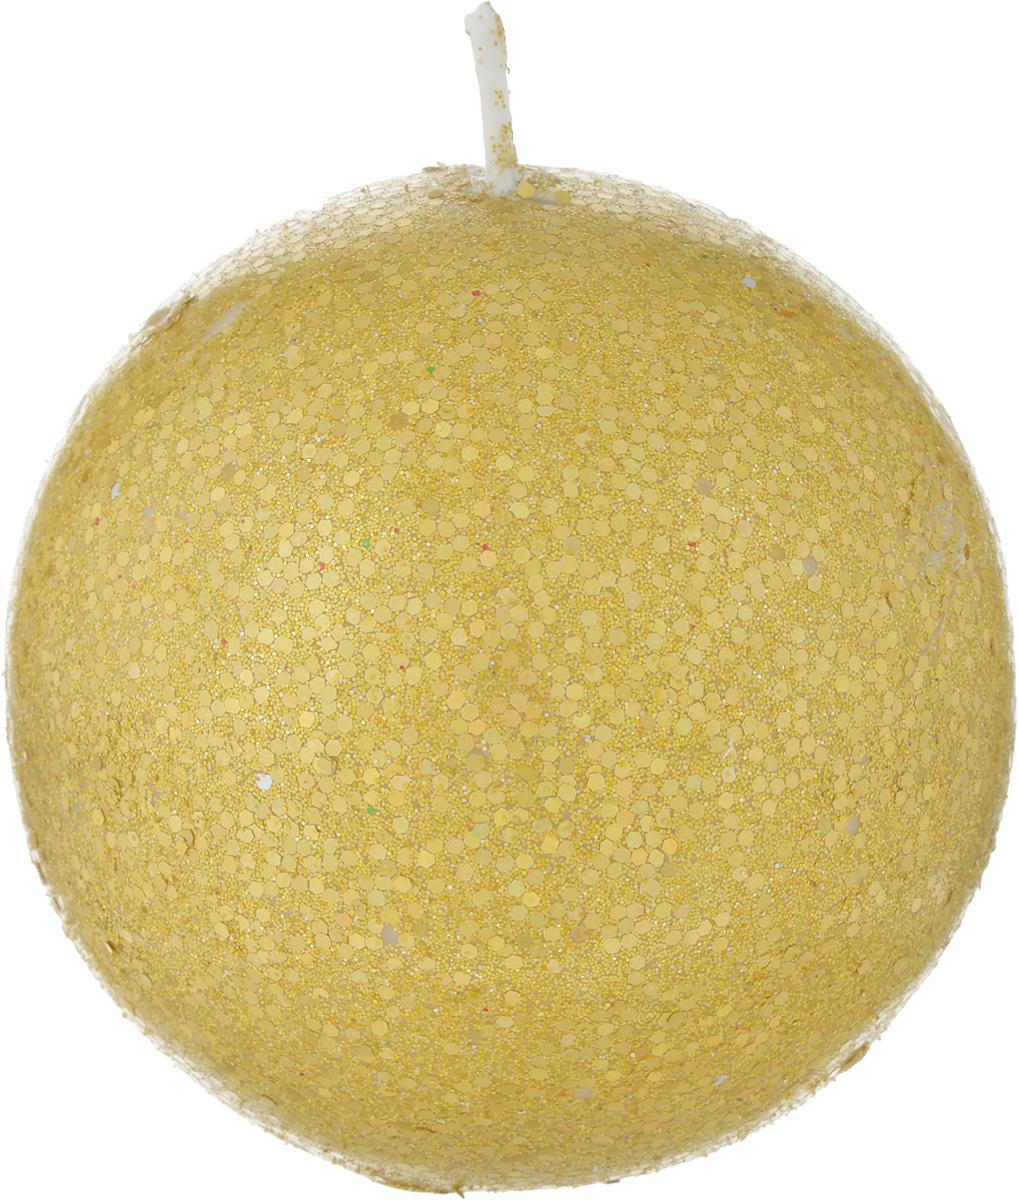 Свеча-шар B&H, с блестками, цвет: золотой, диаметр 6,3 смBH1038_ золотойСвеча-шар изготовлена из парафина и декорирована блестками. Такая свеча станет изысканным украшением интерьера. Она принесет в ваш дом волшебство и ощущение праздника. Создайте в своем доме атмосферу веселья и радости, и тогда самый обычный день с легкостью превратится в торжество.Свеча упакована в золотой поддон.